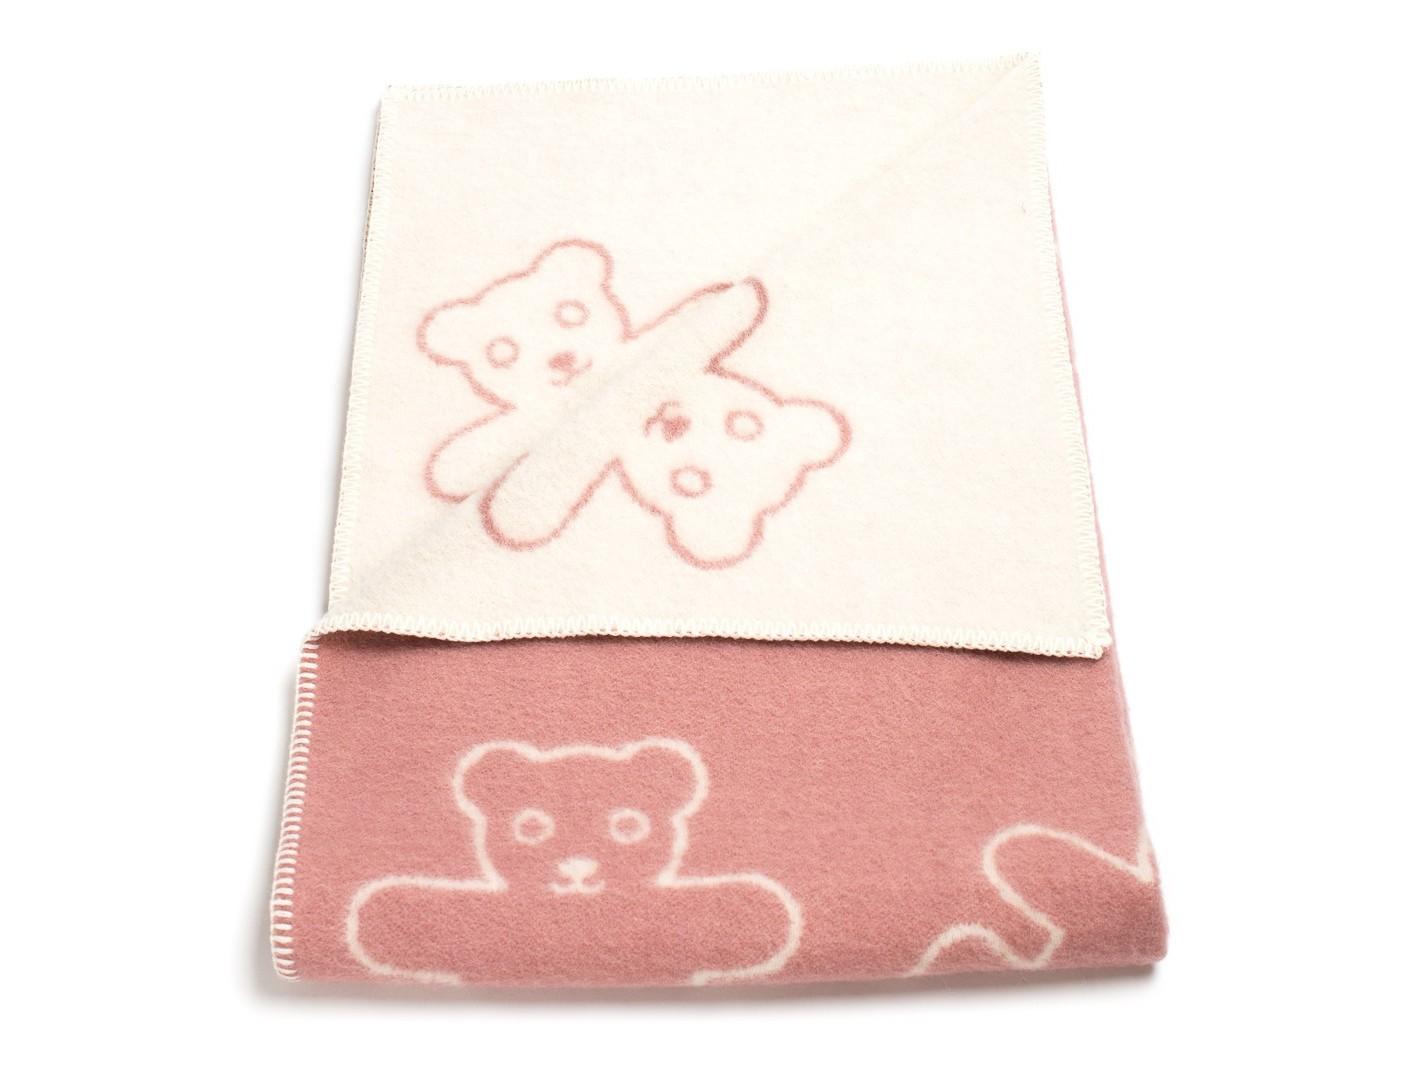 Плед Teddy RoseШерстяные пледы<br>Уютный детский плед с рисунком &amp;quot;Мишки&amp;quot;. Одна сторона - розовая, вторая - кремовая. Теплое, натуральное шерстяное одеяло для Вашей малышки!<br><br>Material: Шерсть<br>Ширина см: 130.0<br>Глубина см: 90.0